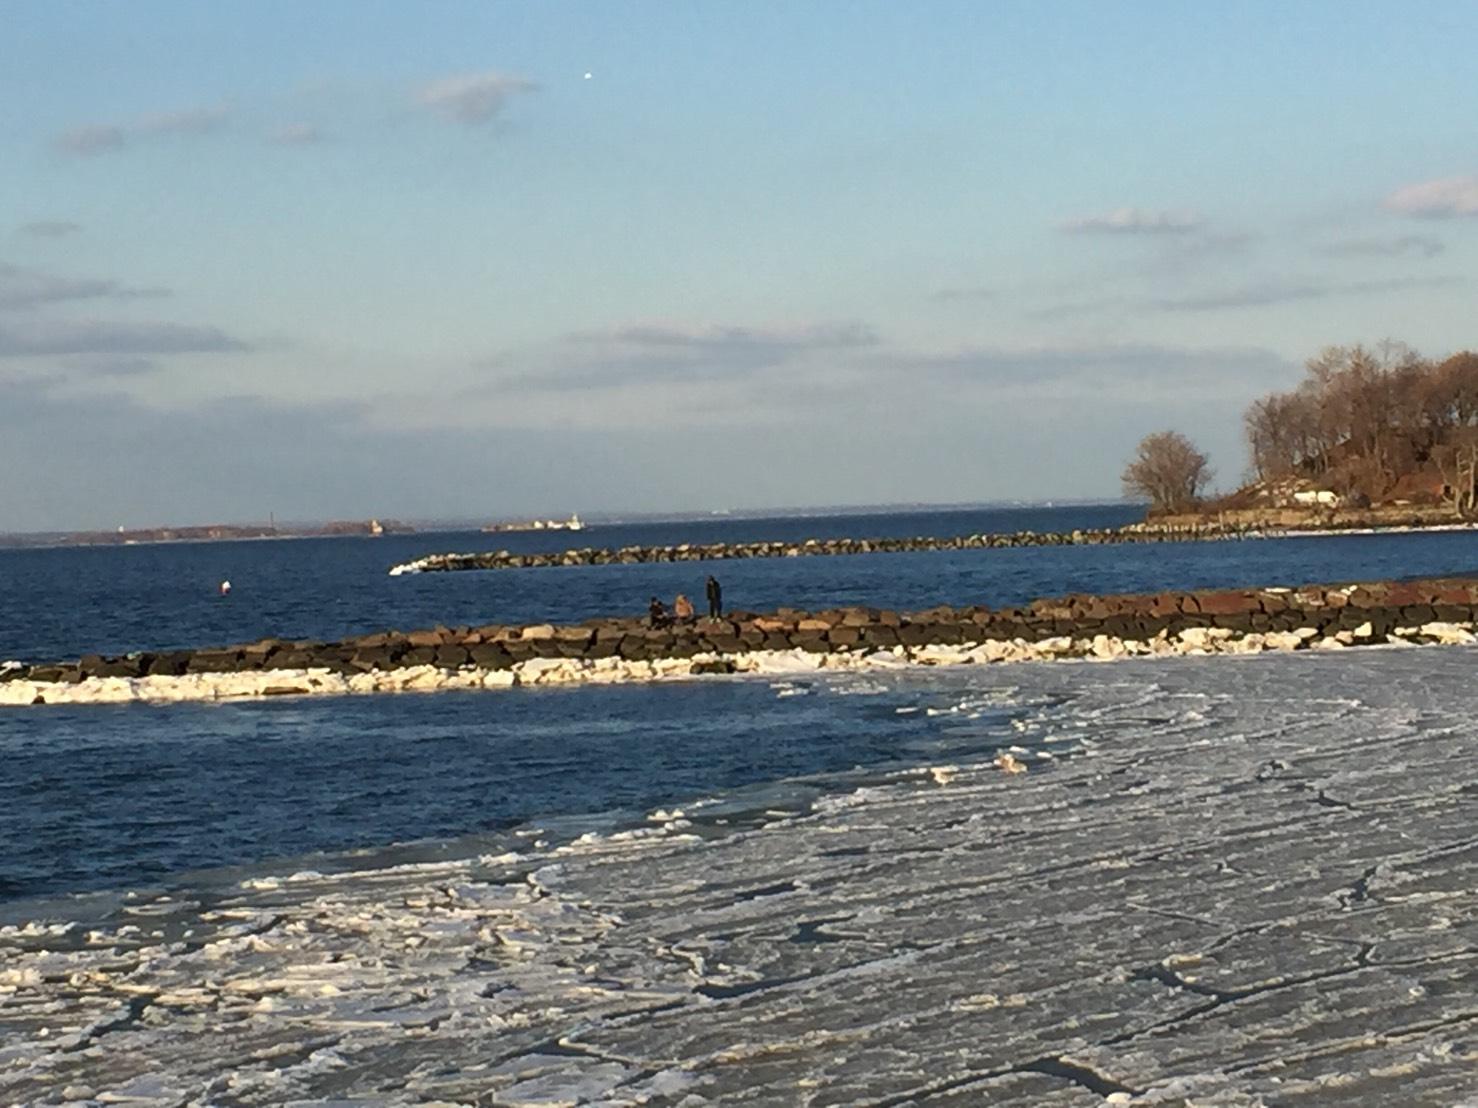 CBS 氣象報告說這一波冷氣團加炸彈氣旋,紐約市一連14天在冰點下,創立歴史上第三長紀錄。周五氣溫會跳到55度,挾帶大雨,怕冰會融掉,趕快去Fort Totten拍張留念。(網友麗雅2018/01/09@紐約Fort Totten)